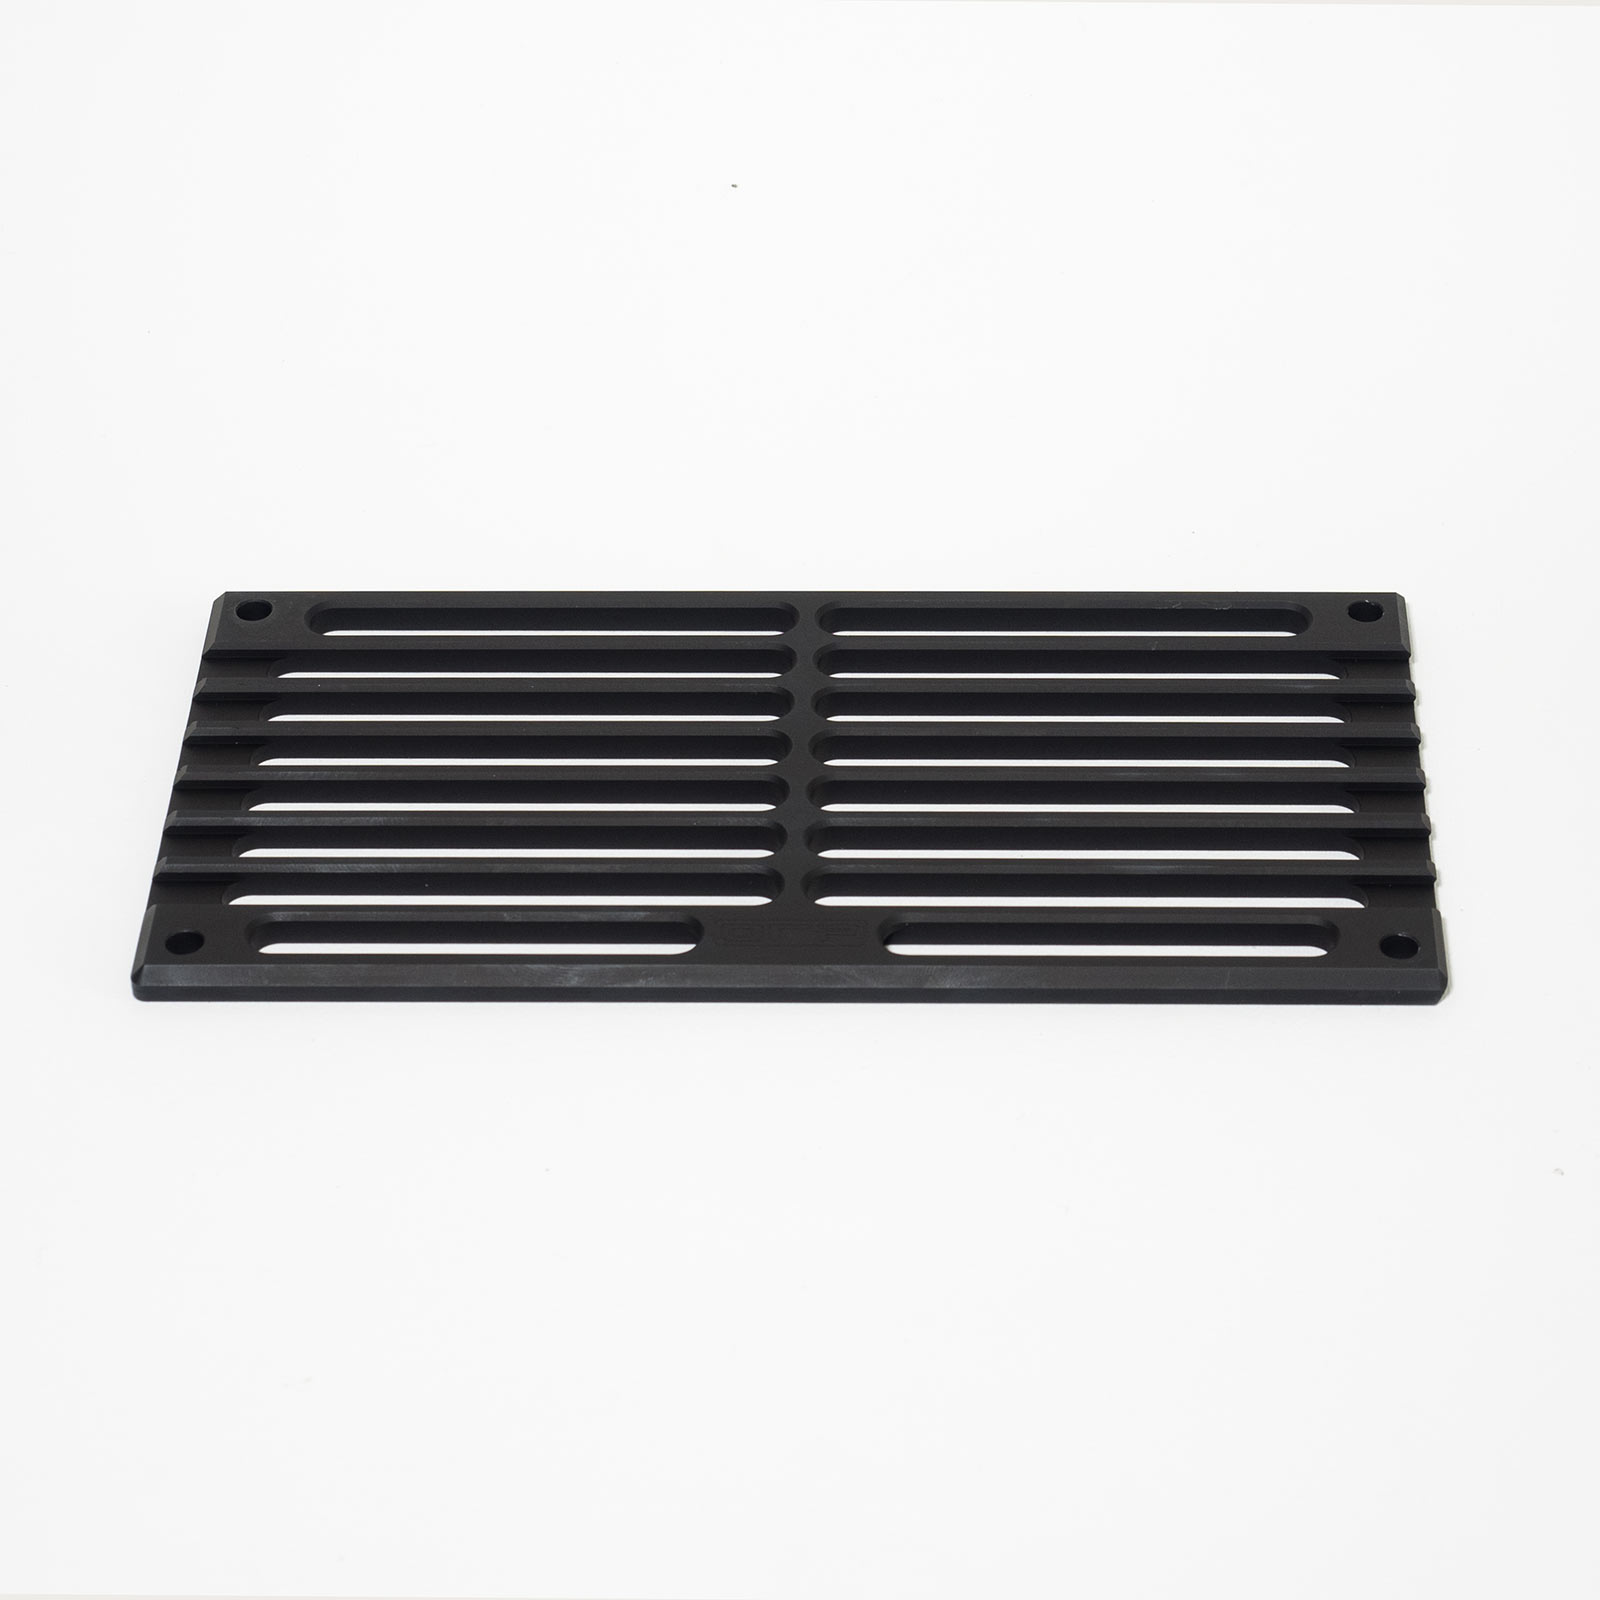 Griglia copri radiatore per Griso - nero